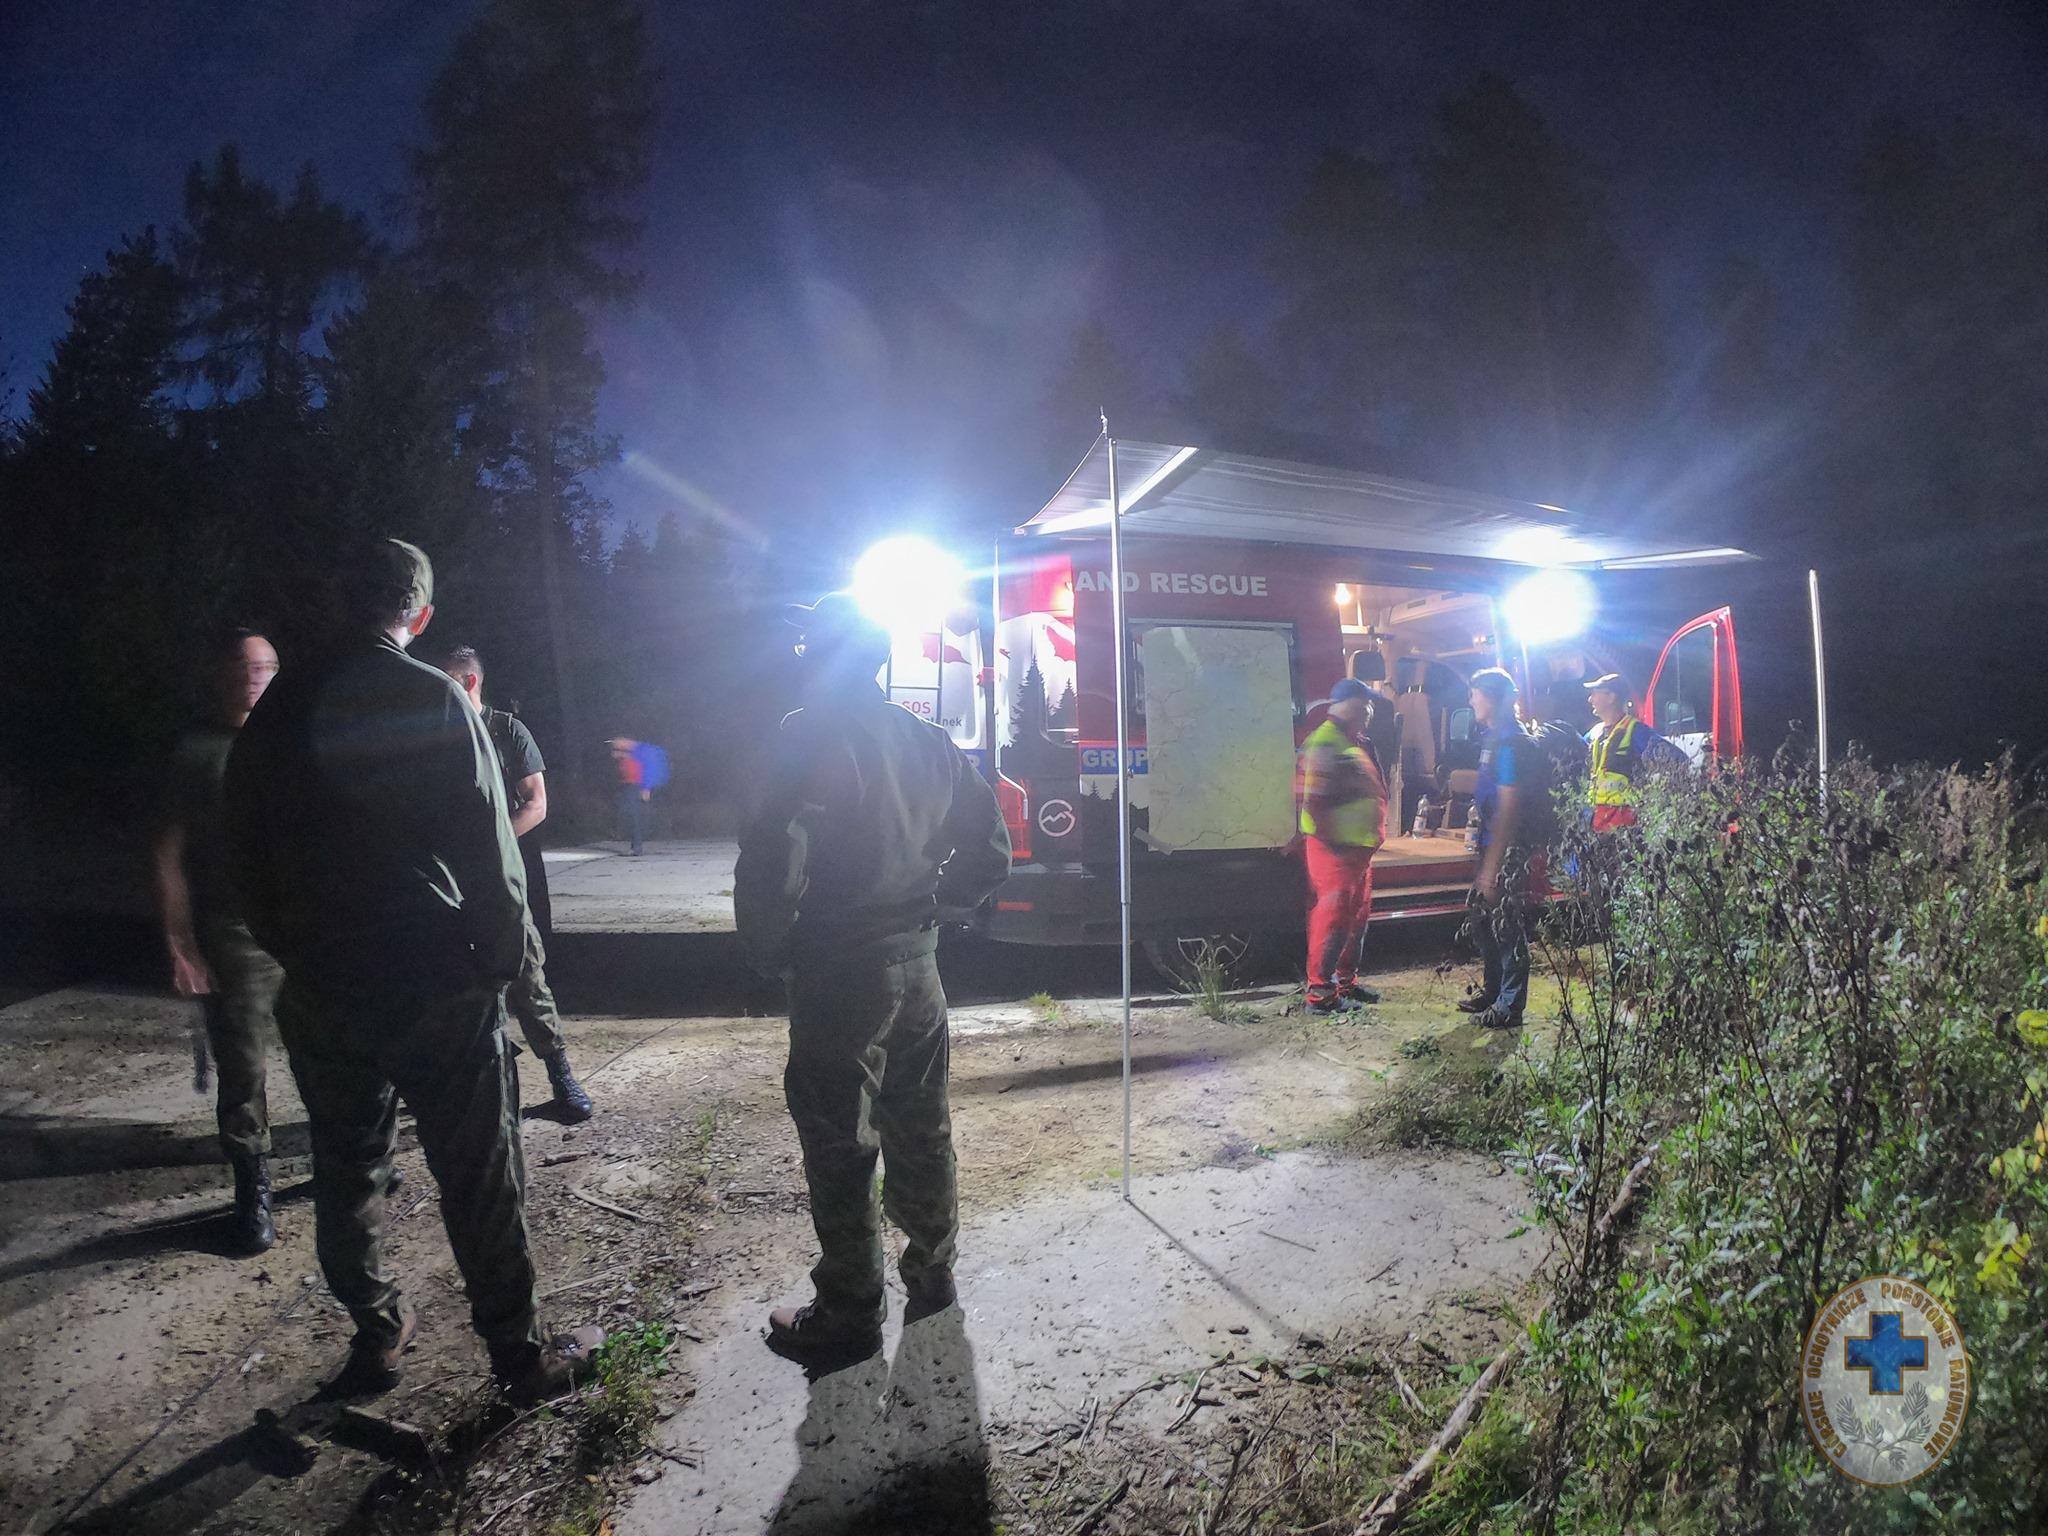 Nad jeziorem Solińskim rozbiła się awionetka. 6 osób poszkodowanych! [ZDJĘCIA] - Zdjęcie główne